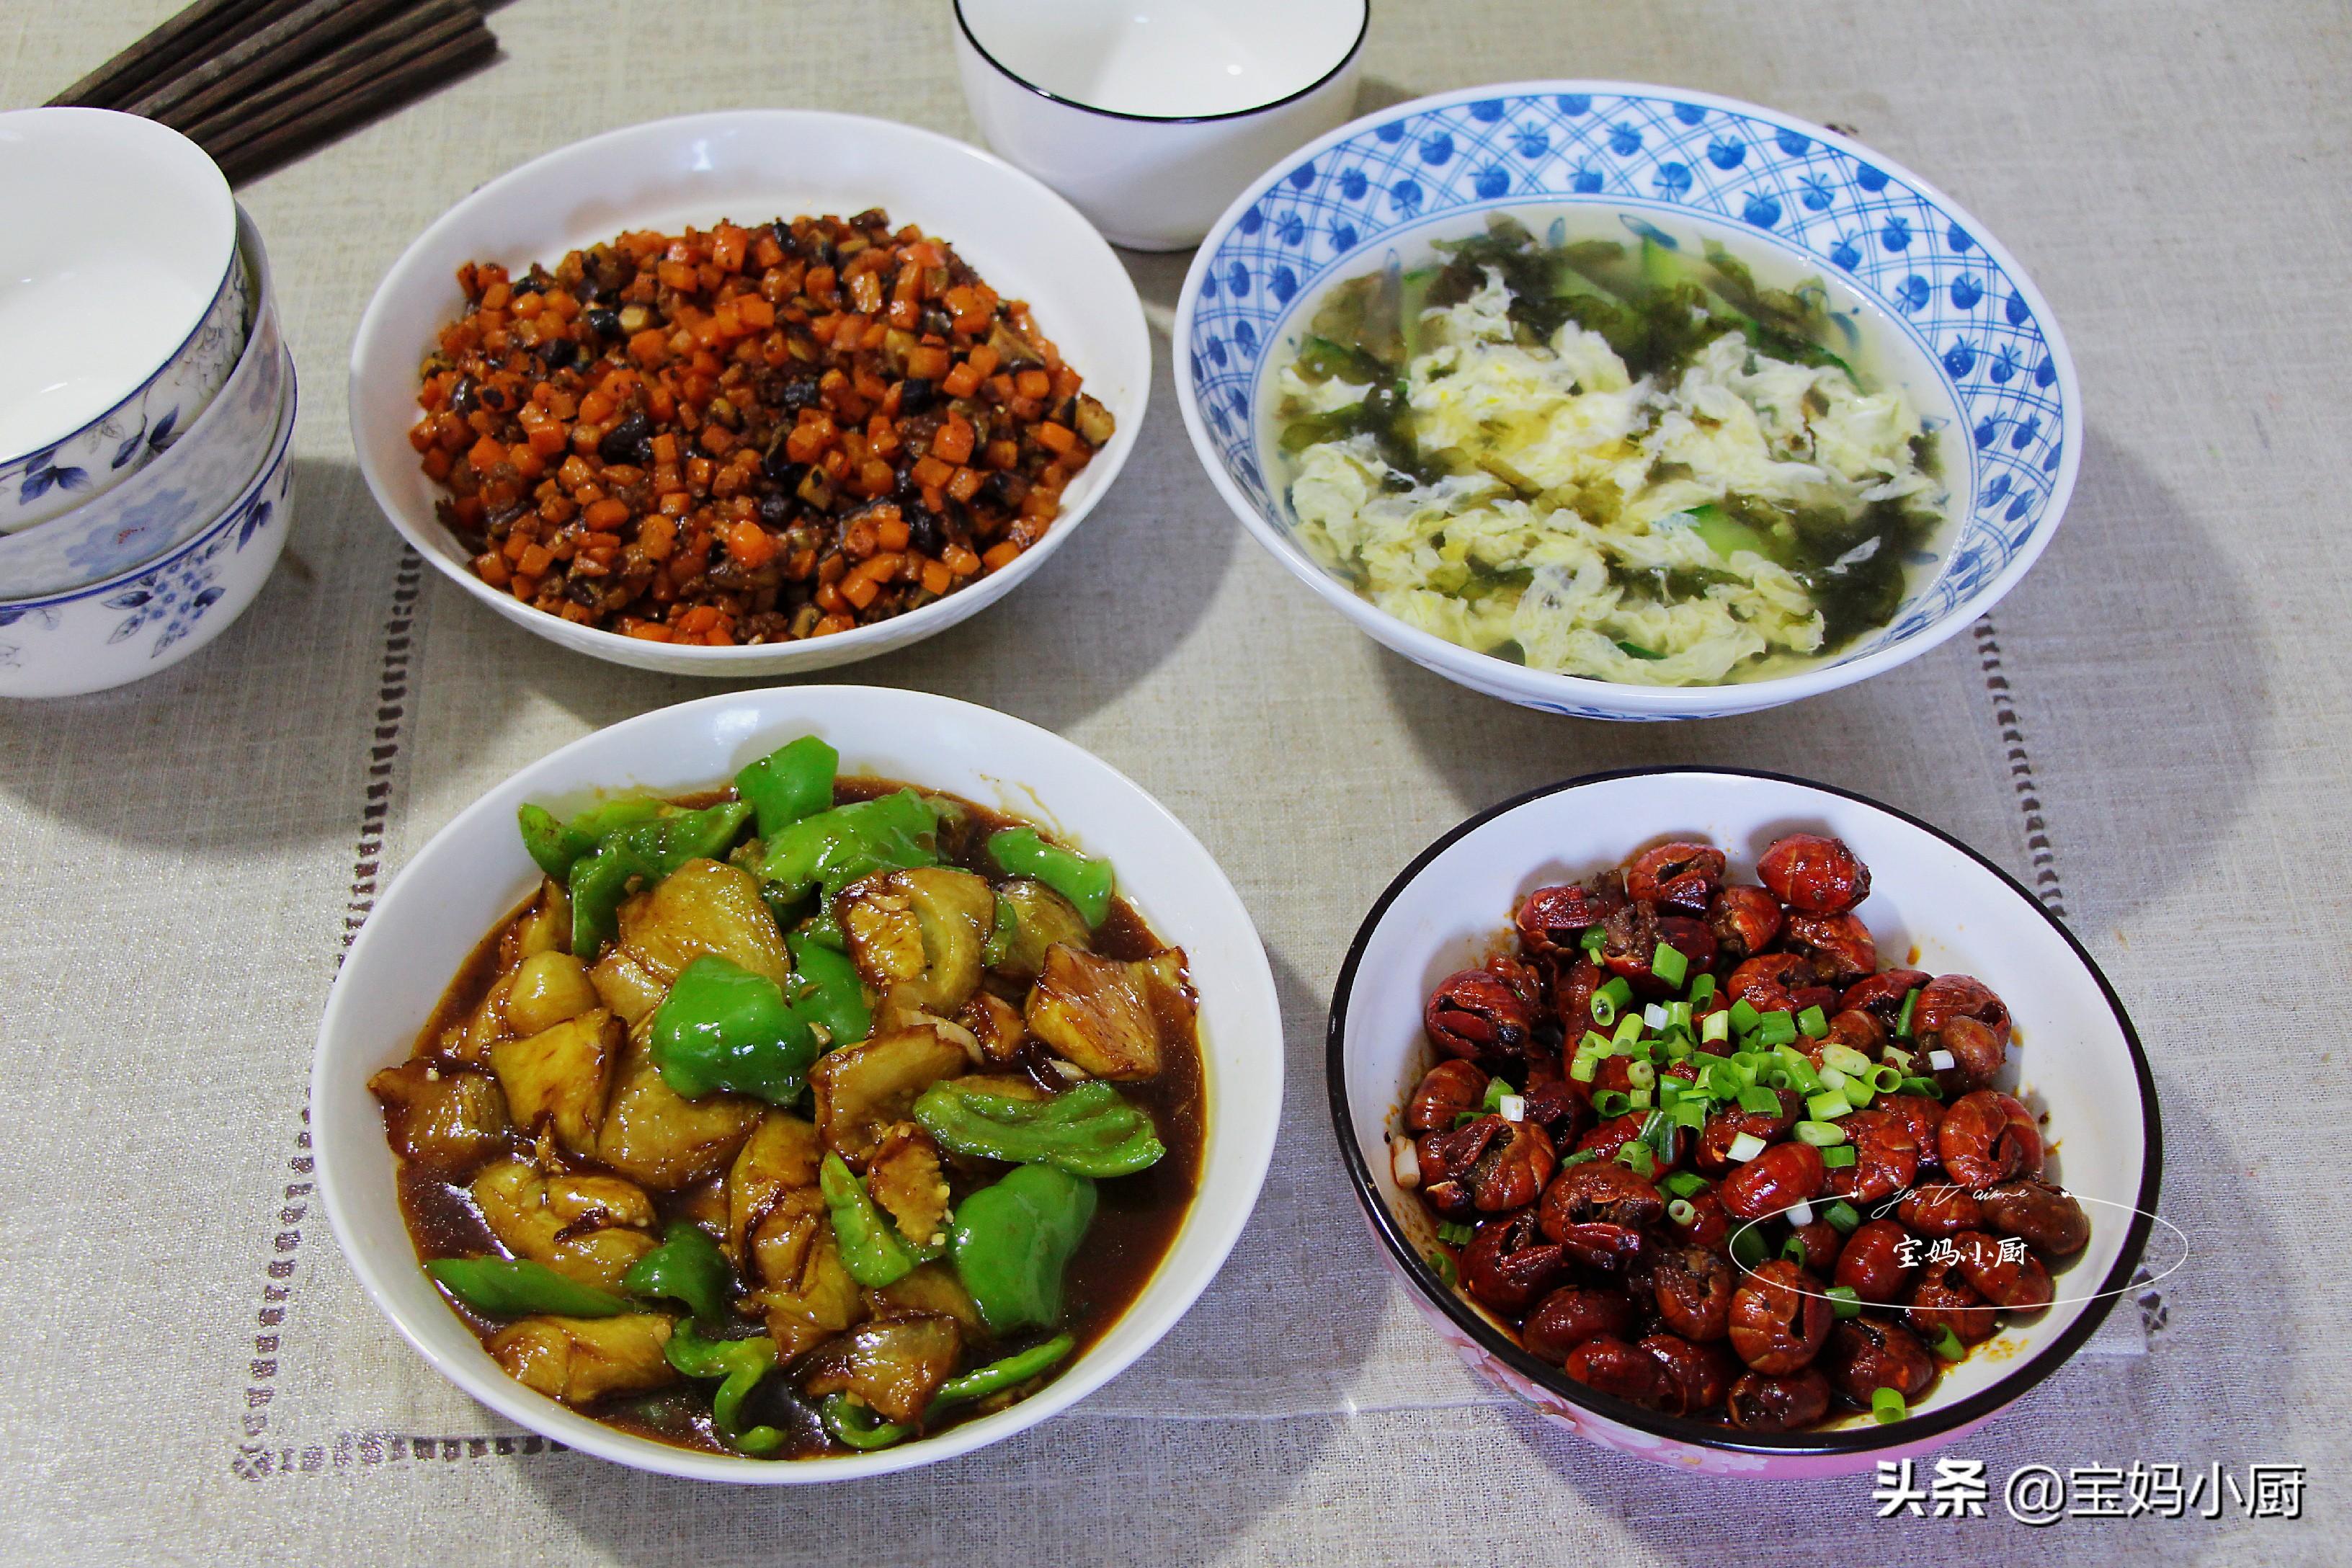 晒我家晚餐,每天换着花样做,经济实惠有营养,大人孩子吃得香 晚餐 第5张